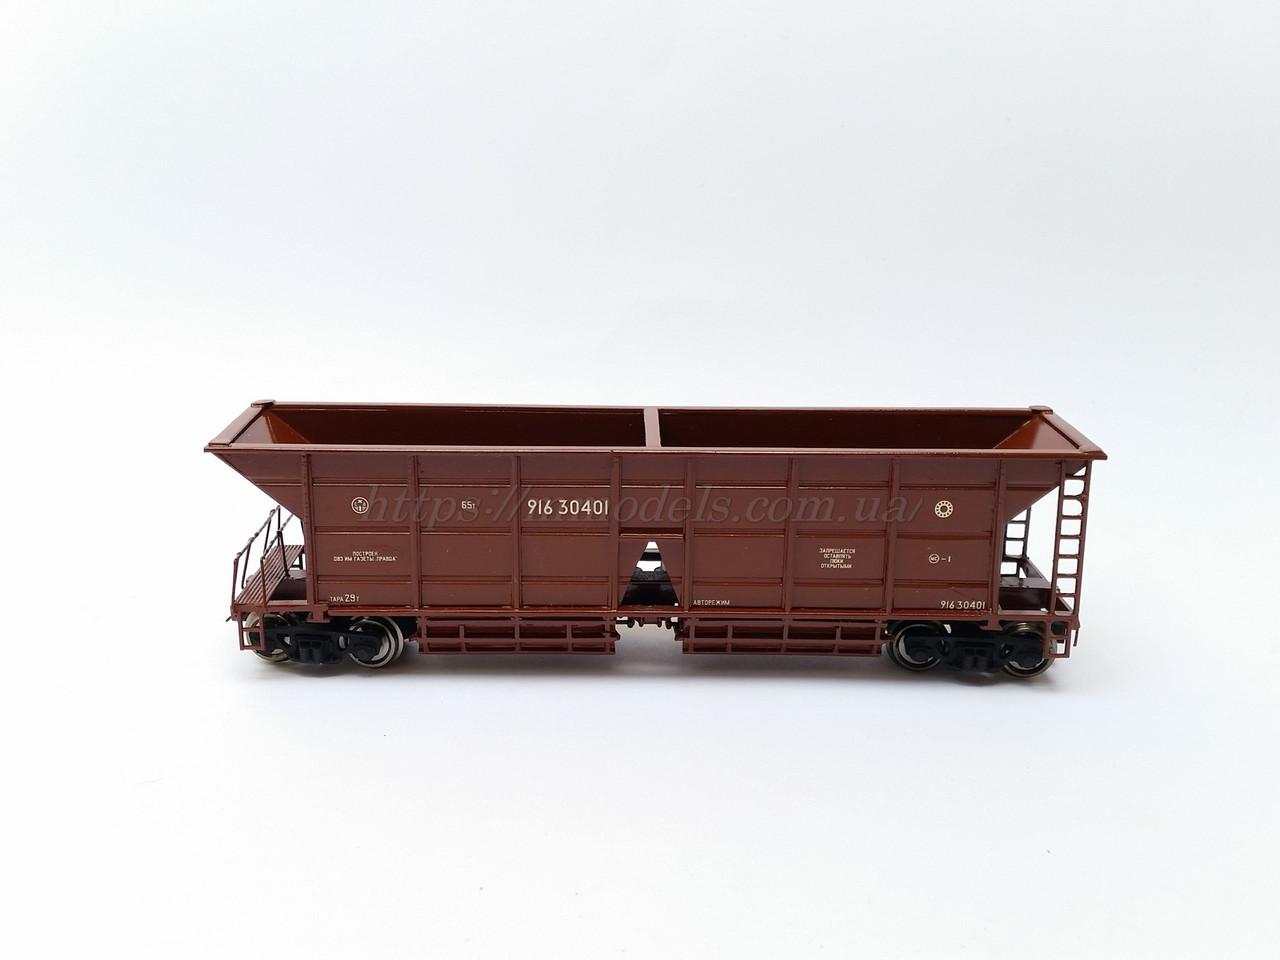 Модель вагона 4-осный хоппер для перевозки угля, модель 22-4003, СЖД, H0,1/87